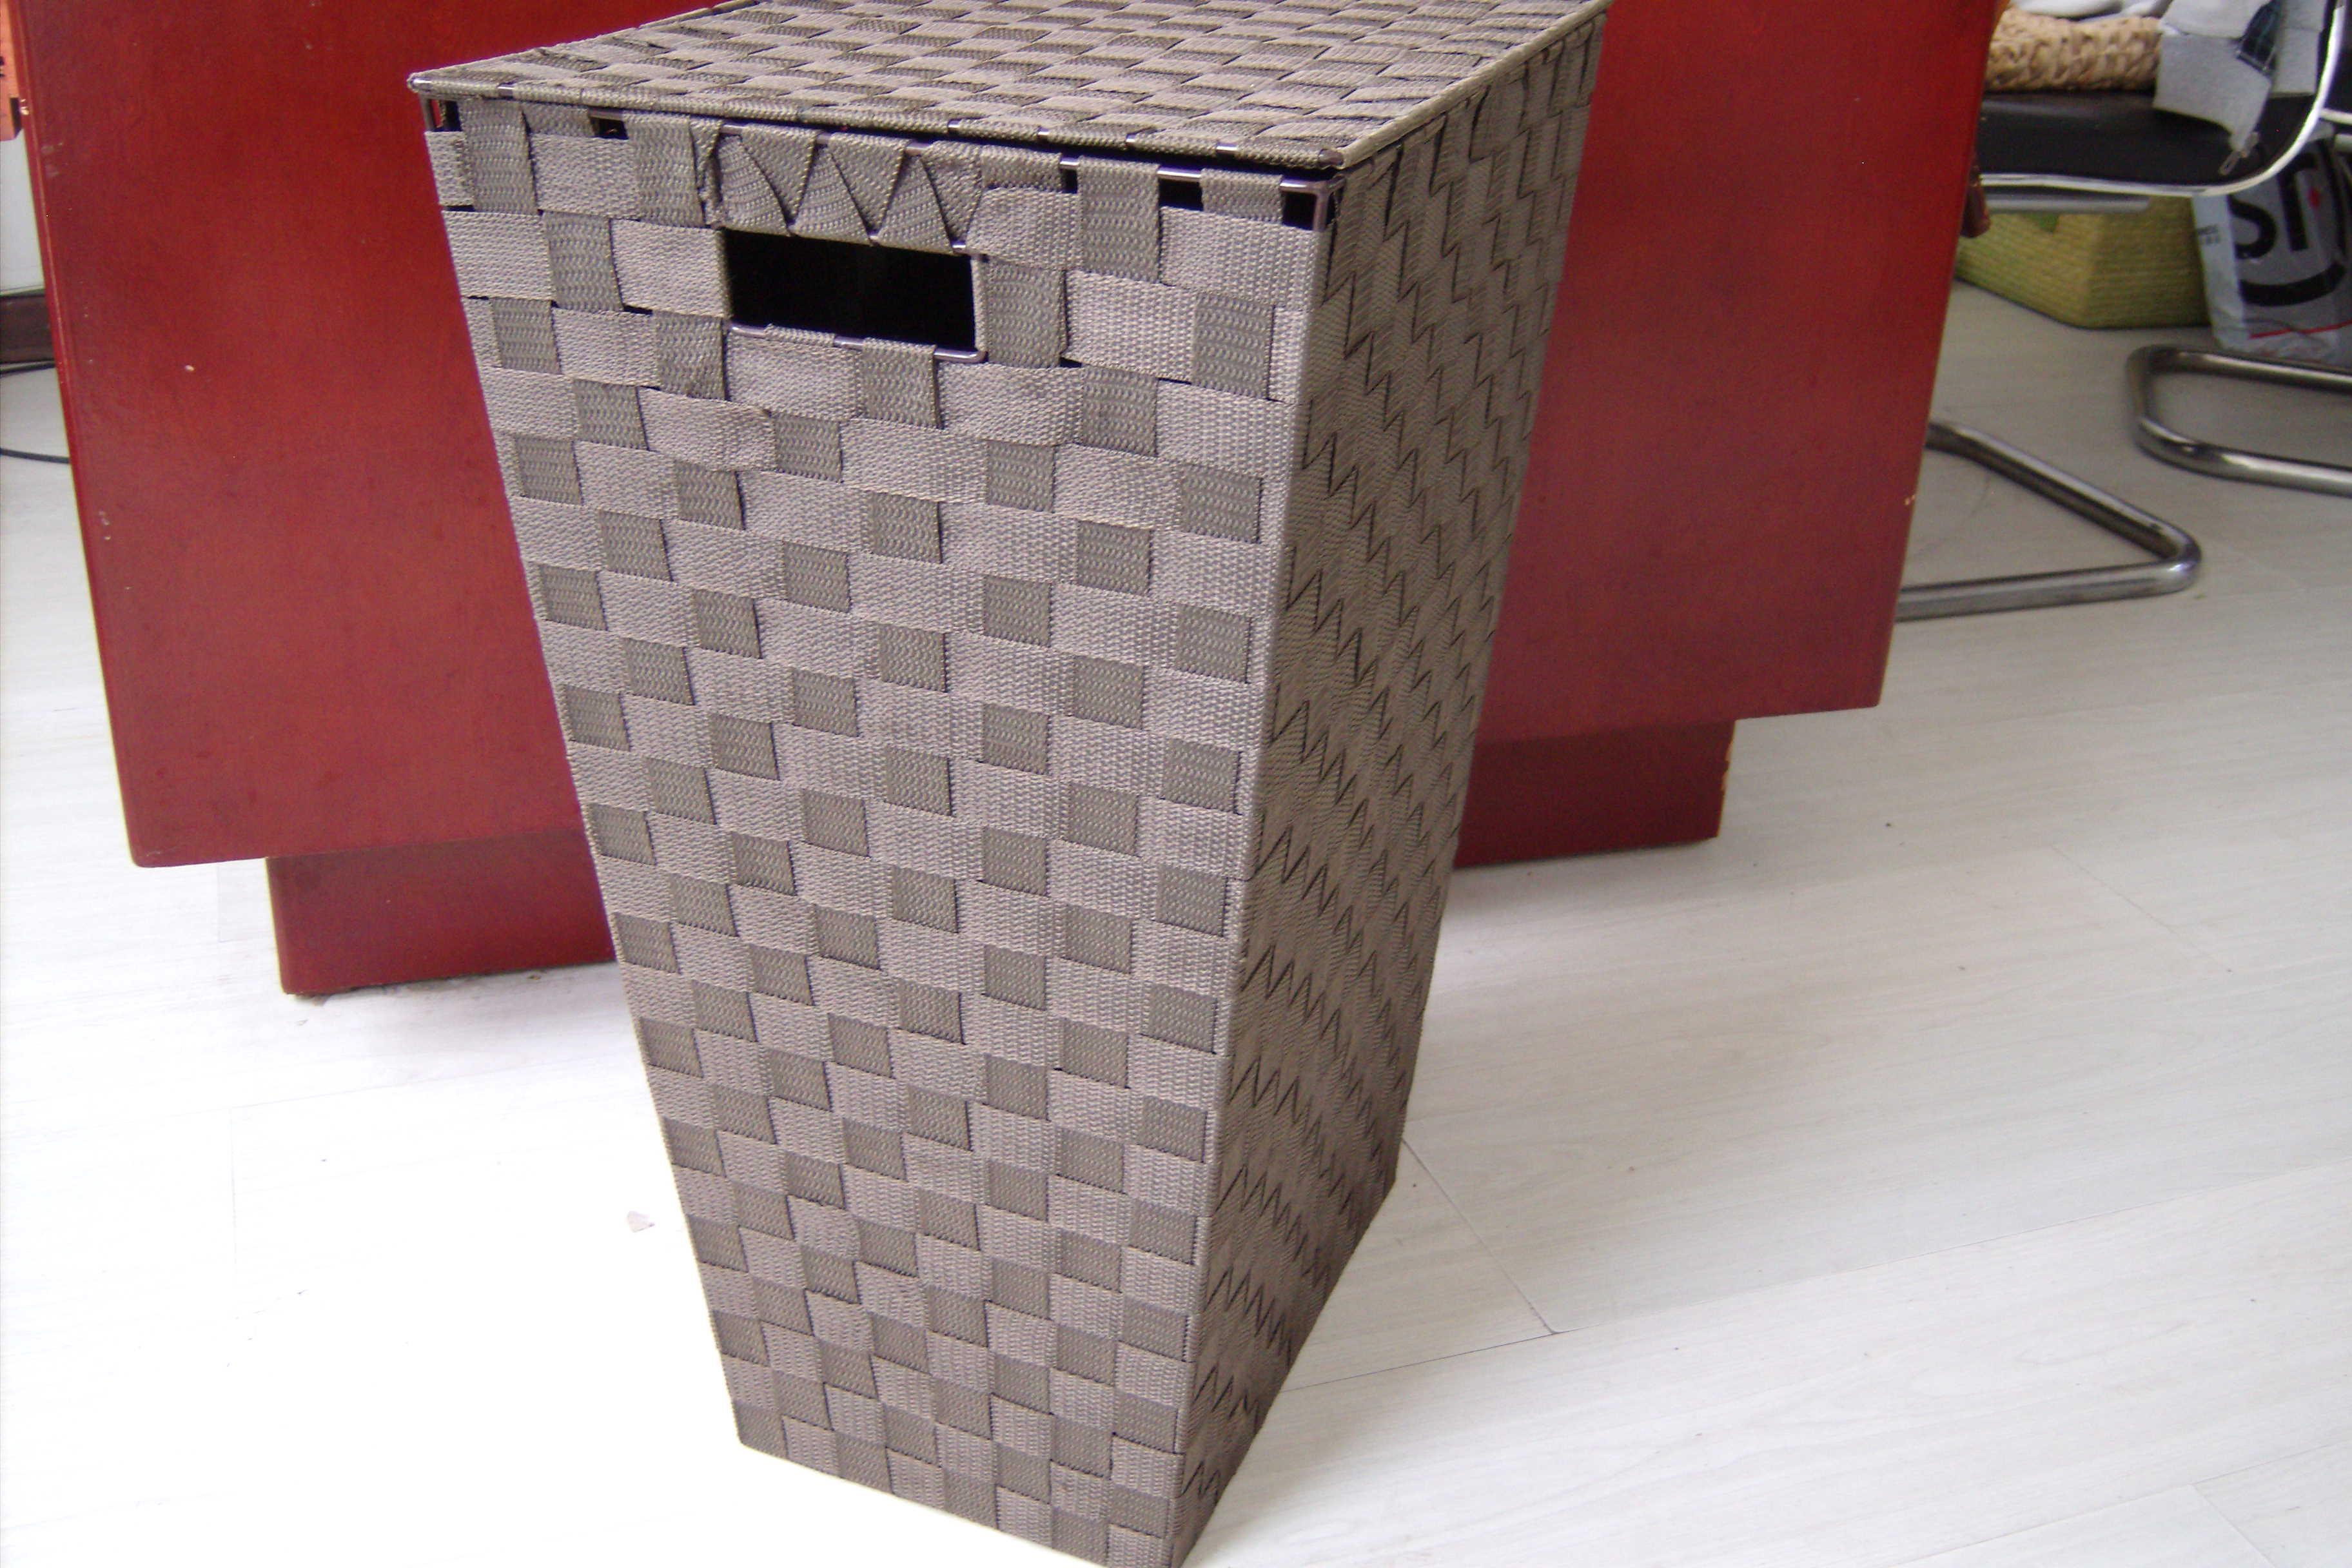 eb0089aab Juego de cubo de cesto tejido plegable de almacenamiento de Sorbus - Asas  de transporte incorporadas - Ideal para la organización de la casa, ...